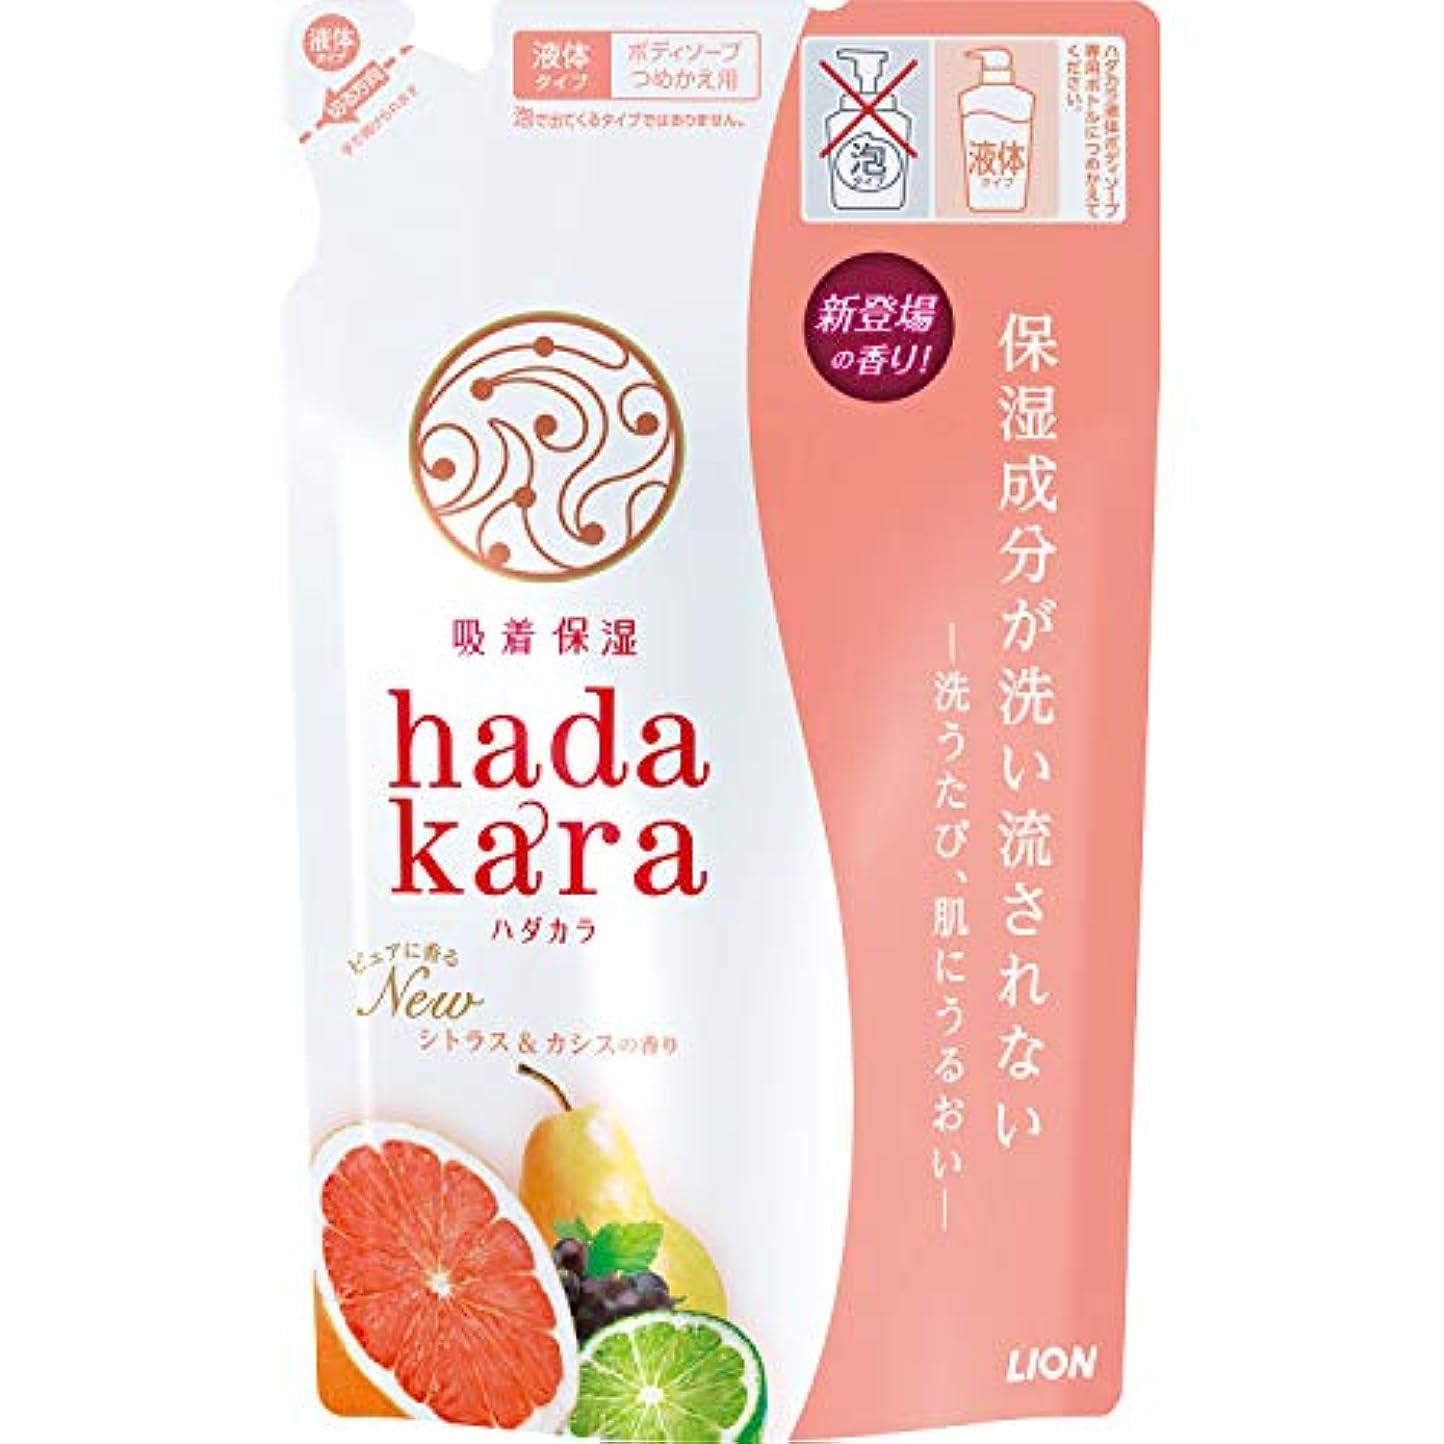 歯痛付録ガイダンスhadakara(ハダカラ) ボディソープ シトラス&カシスの香り つめかえ 360ml 詰替え用